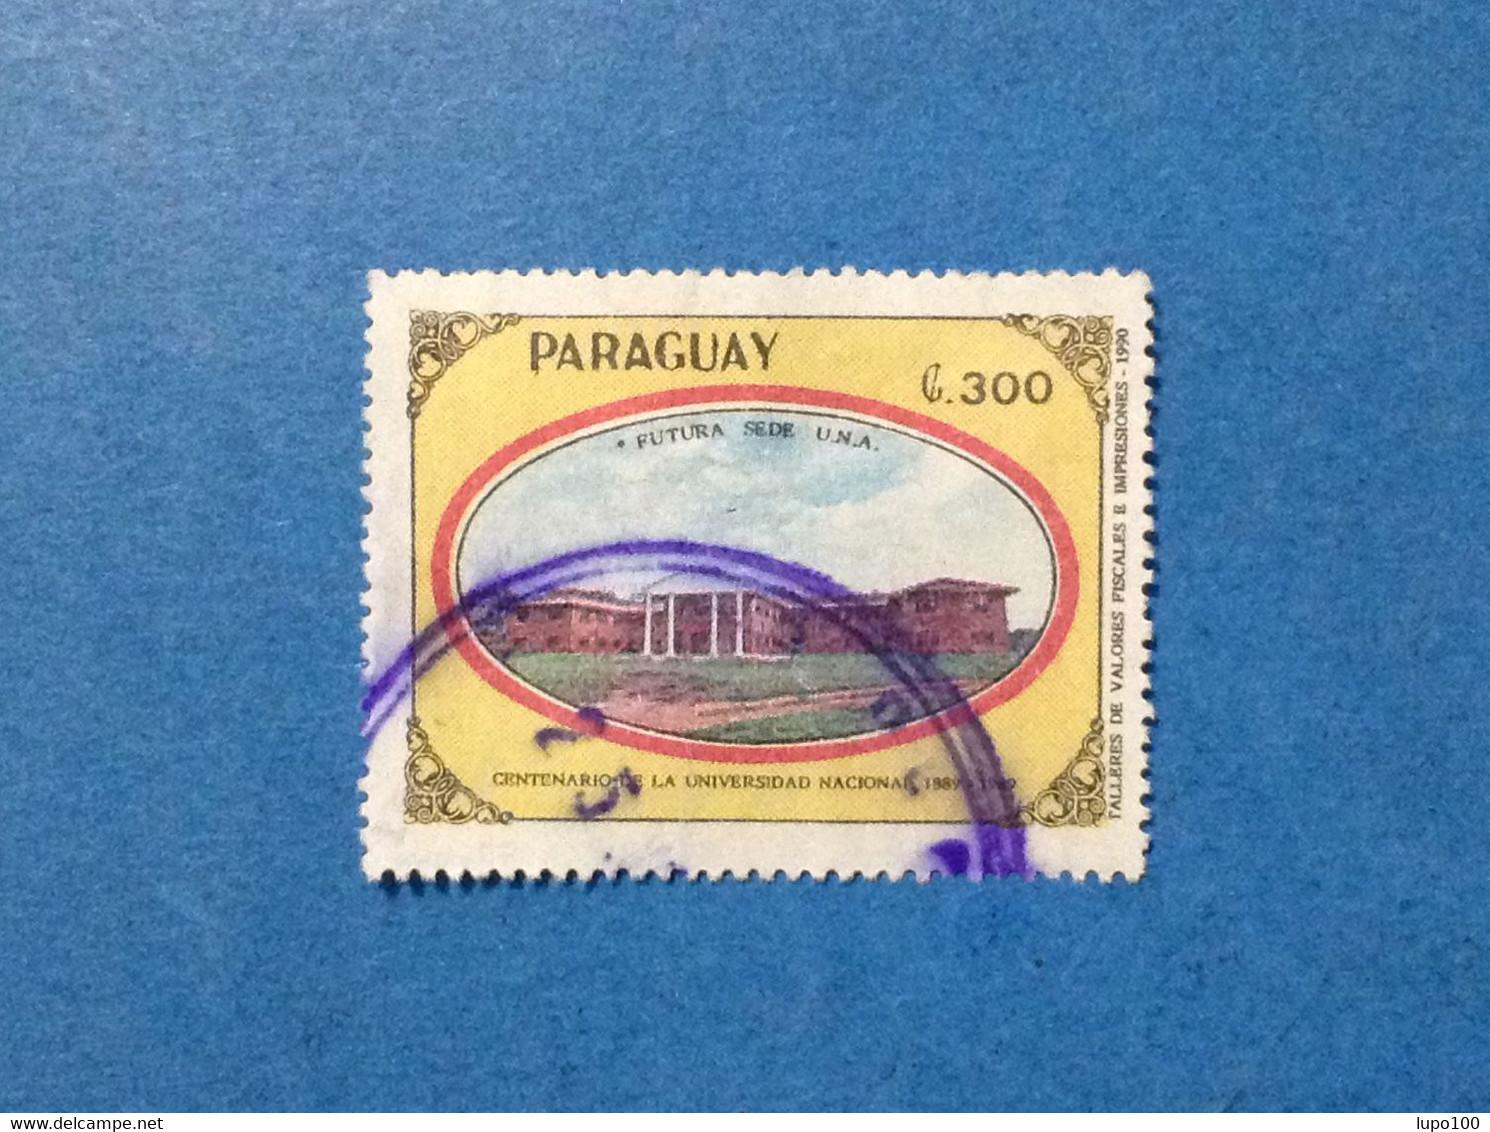 PARAGUAY FRANCOBOLLO USATO STAMP USED UNIVERSIDAD NACIONAL FUTURA SEDE UNA 300 - Paraguay